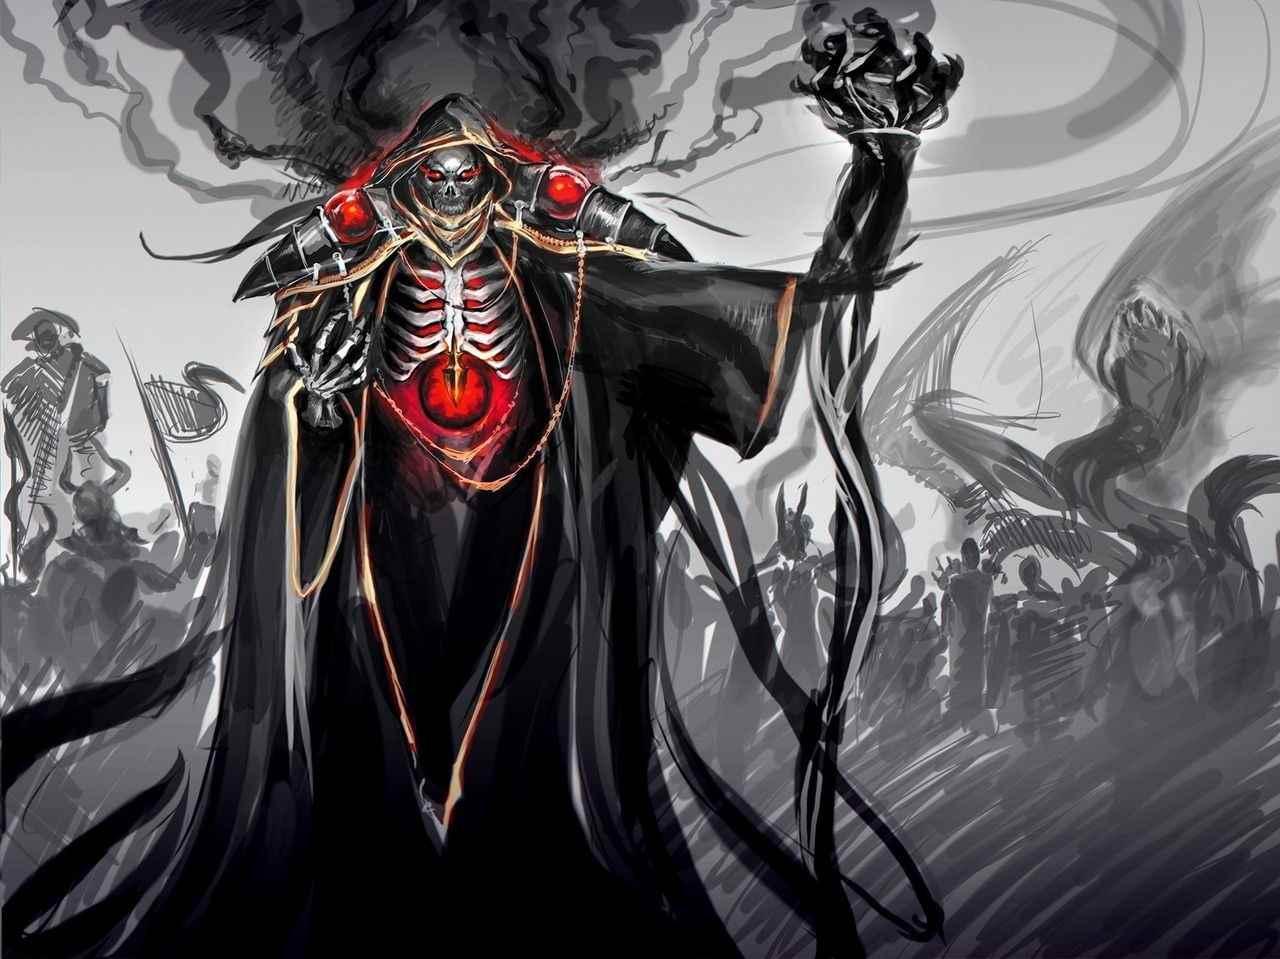 Картинки, арт владыка демонов аниме 13